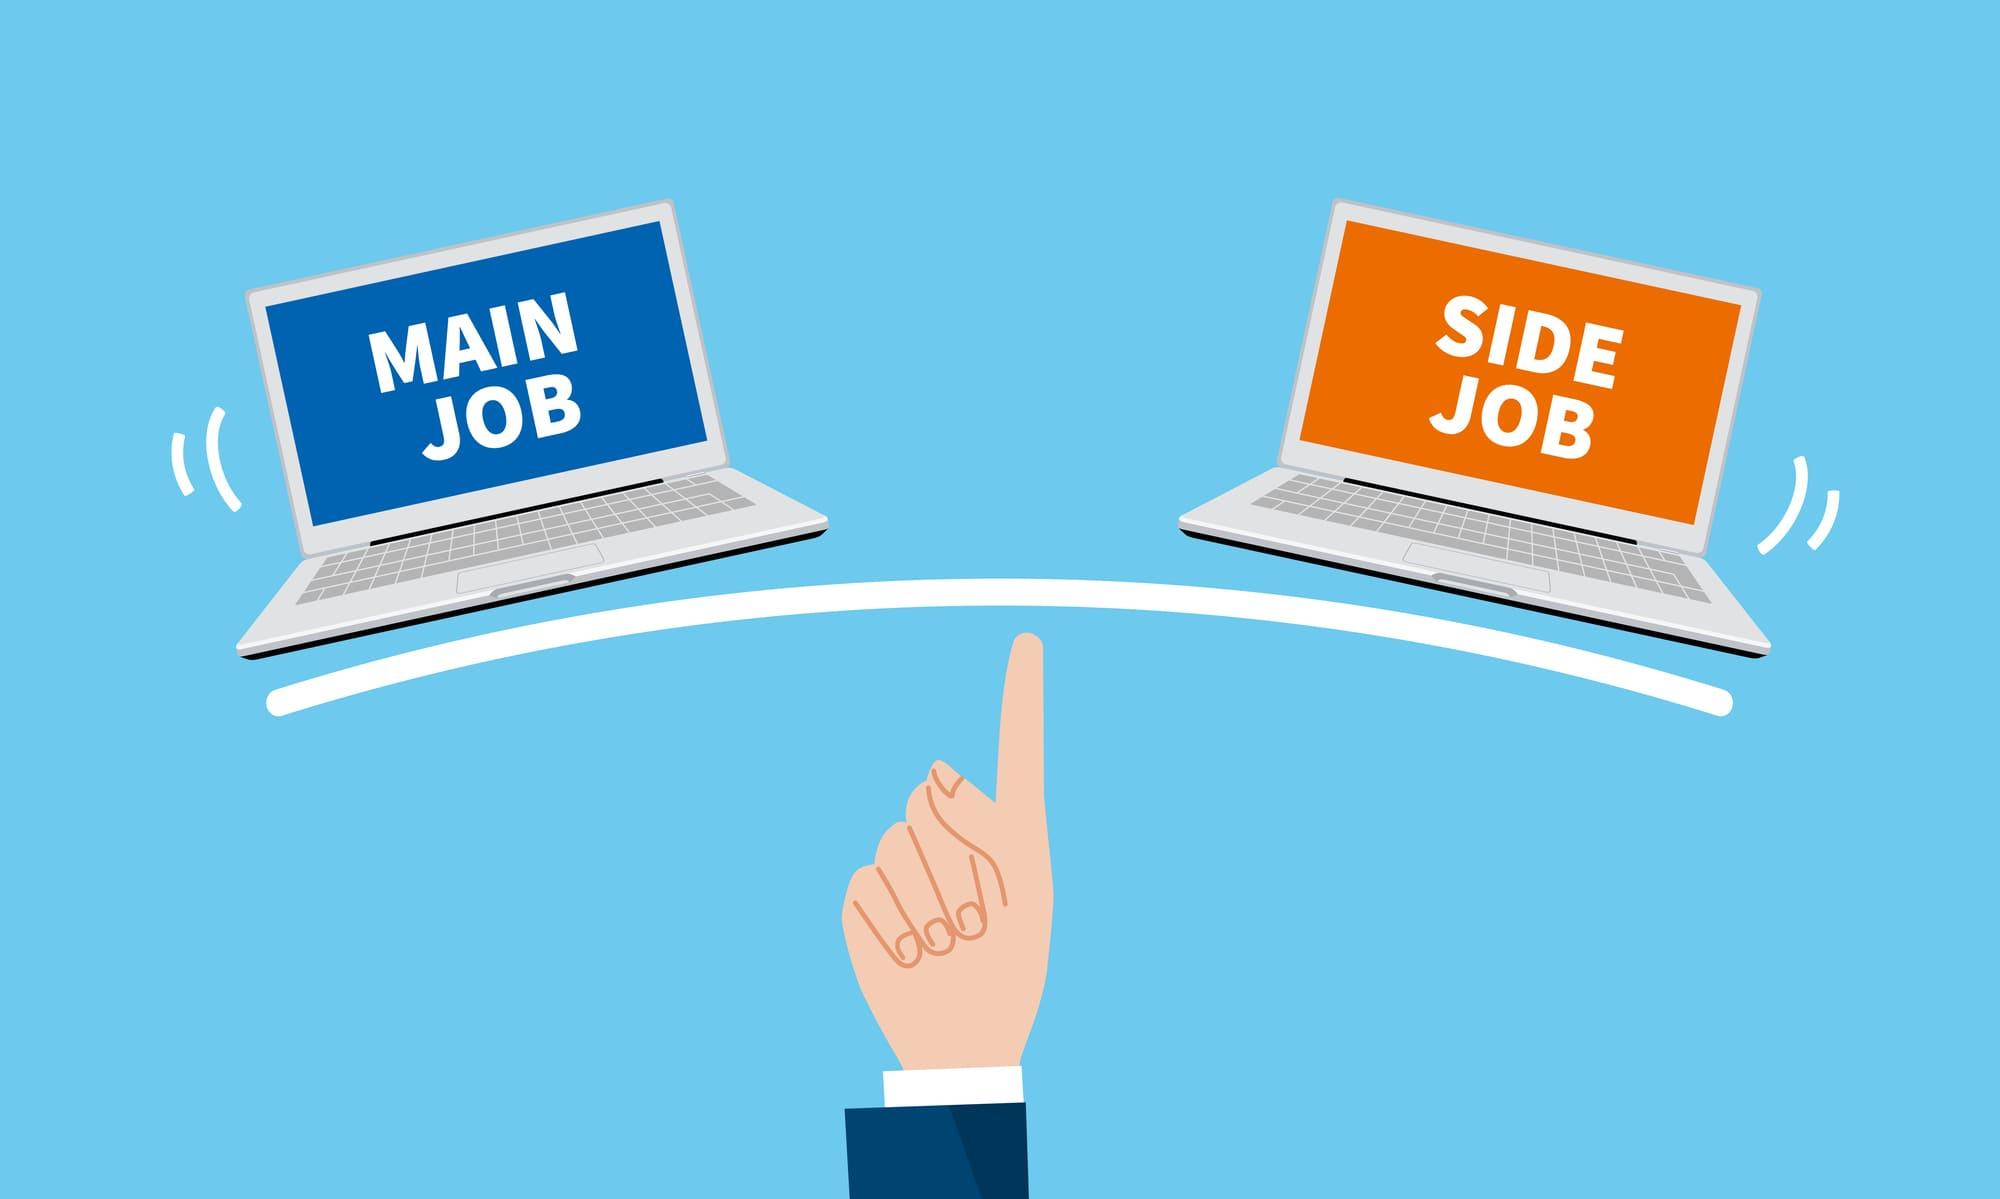 会社員が会社にバレずに副業でネットショップを開業する方法!確定申告や節税対策